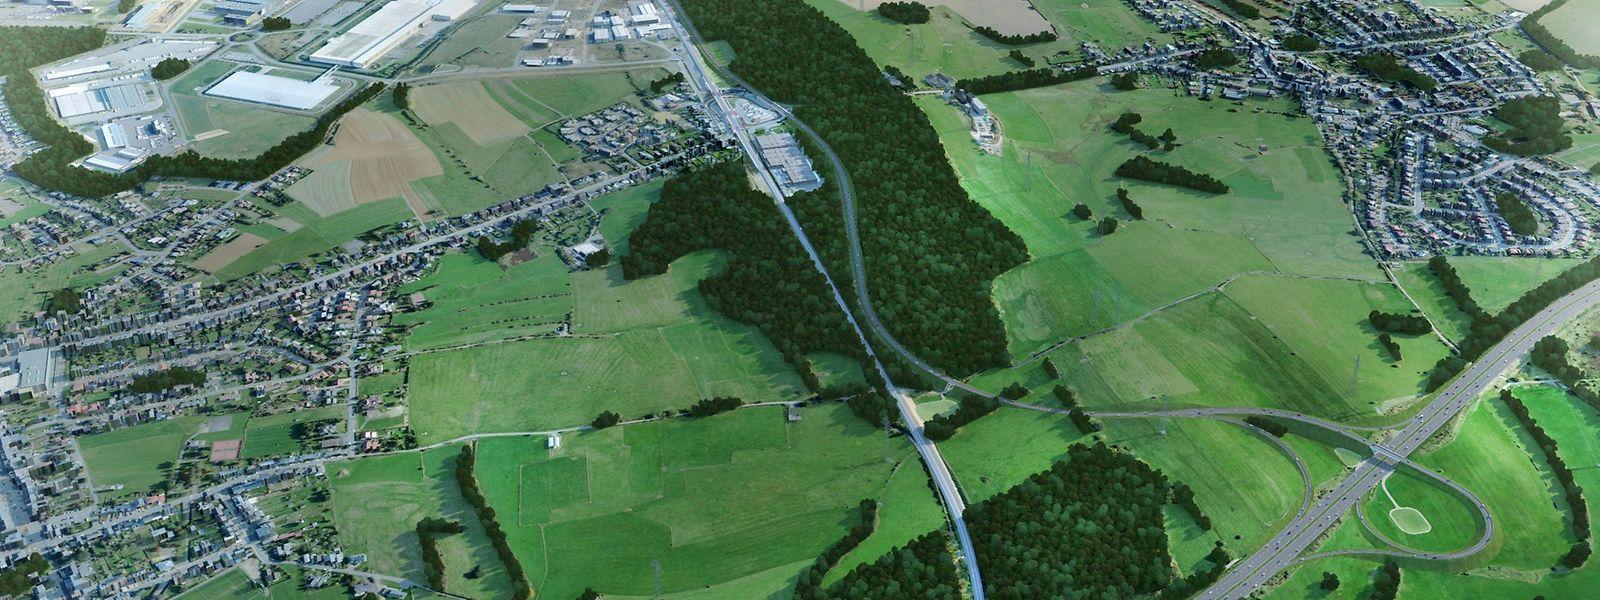 Die neue Umgehungsstraße soll an die A13 (unten rechts auf der Grafik) angebunden werden.